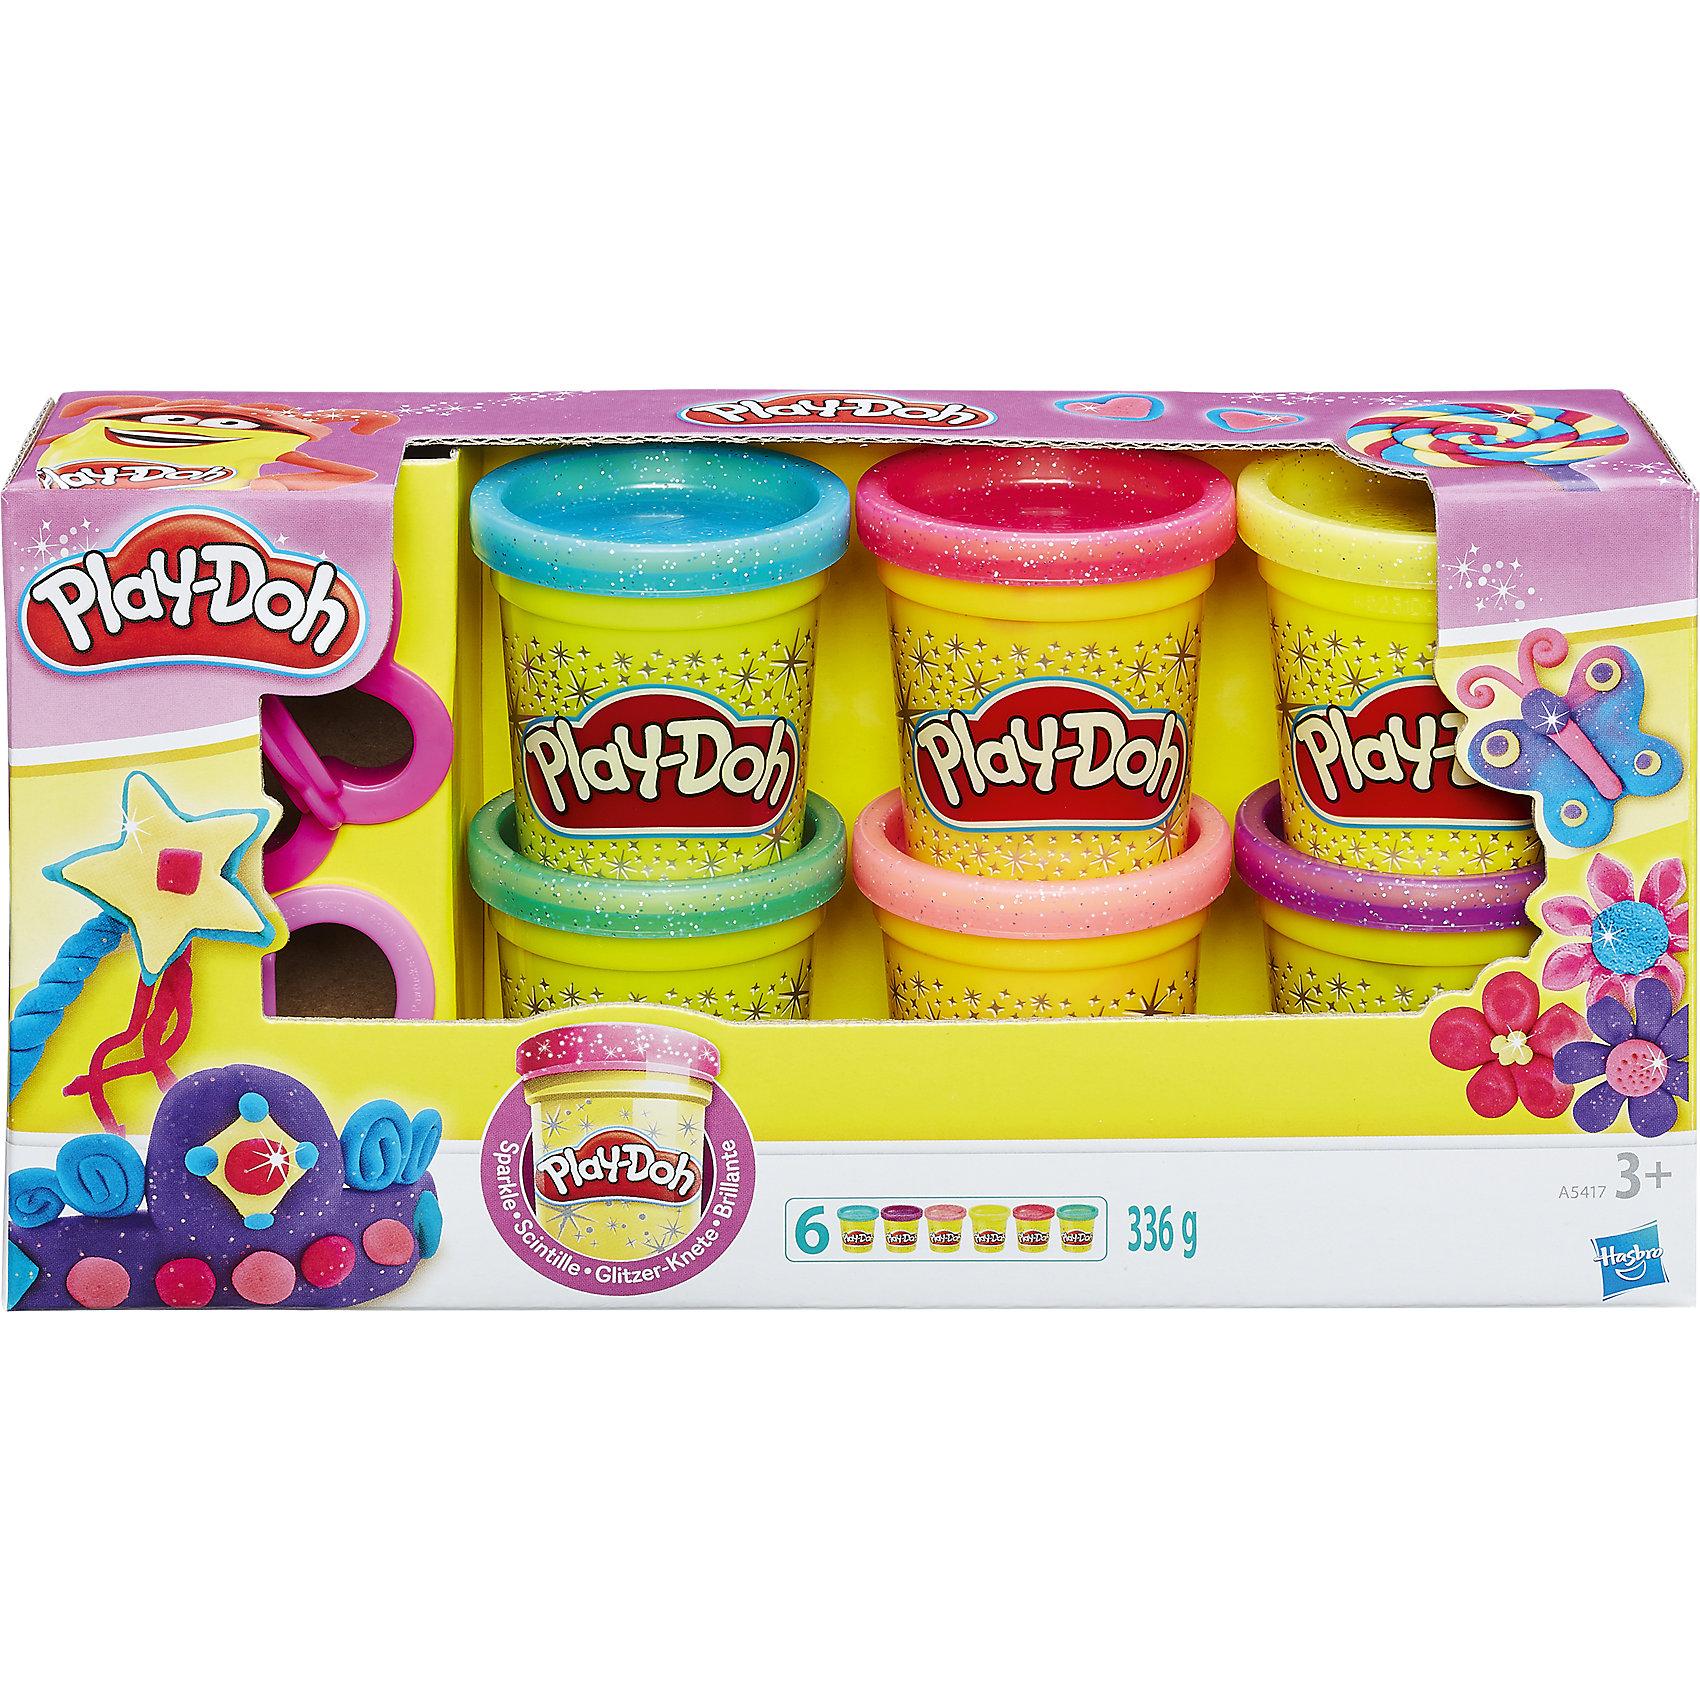 Набор пластилина из 6 баночек Блестящая коллекция, Play-DohНаборы для лепки<br>Набор пластилина Блестящая коллекция, Play-Doh, поможет Вашей девочке реализовать свои творческие фантазии и создать свой собственный сказочный мир. В наборе шесть баночек разноцветного сверкающего пластилина и две формочки в виде бабочки и сердечка.<br>Пластилин Play-Doh полностью безопасен для детей, не липнет к рукам, не пачкает одежду и имеет приятный запах. Данный комплект отлично подойдет в качестве дополнения к линейке наборов Play-Doh (Плей До) Принцессы Диснея. <br>Занятия лепкой развивают у ребенка фантазию, творческие способности и объемное воображение, тренируют координацию движений и мелкую моторику.<br><br>Дополнительная информация:<br><br>- В комплекте: 6 баночек с разными цветами, 2 формочки. <br>- Размер упаковки: 5,7 х 22,2 х 11,4 см.<br>- Общий вес всего набора: 336 гр.<br><br>Набор пластилина из 6 баночек Блестящая коллекция, Play-Doh можно купить в нашем интернет-магазине.<br><br>Ширина мм: 224<br>Глубина мм: 116<br>Высота мм: 60<br>Вес г: 494<br>Возраст от месяцев: 36<br>Возраст до месяцев: 72<br>Пол: Унисекс<br>Возраст: Детский<br>SKU: 3550095